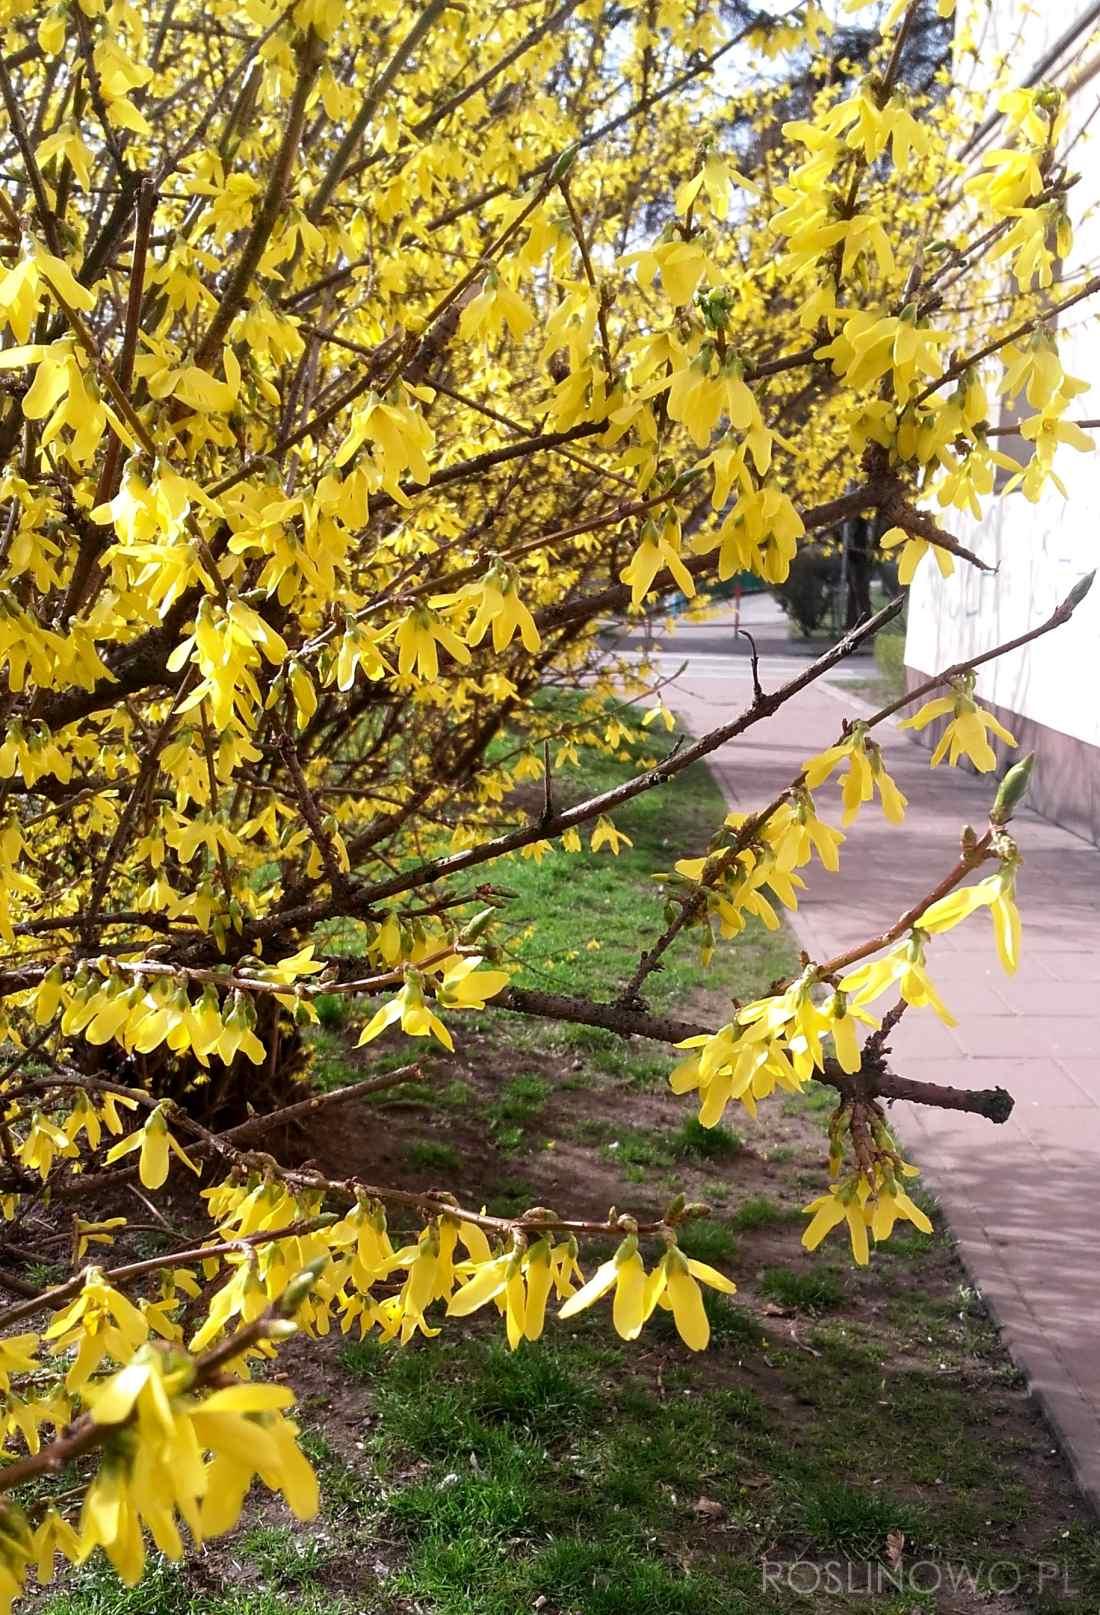 forsycja pośrednia - ozdobny krzew liściasty kwitnący wiosną